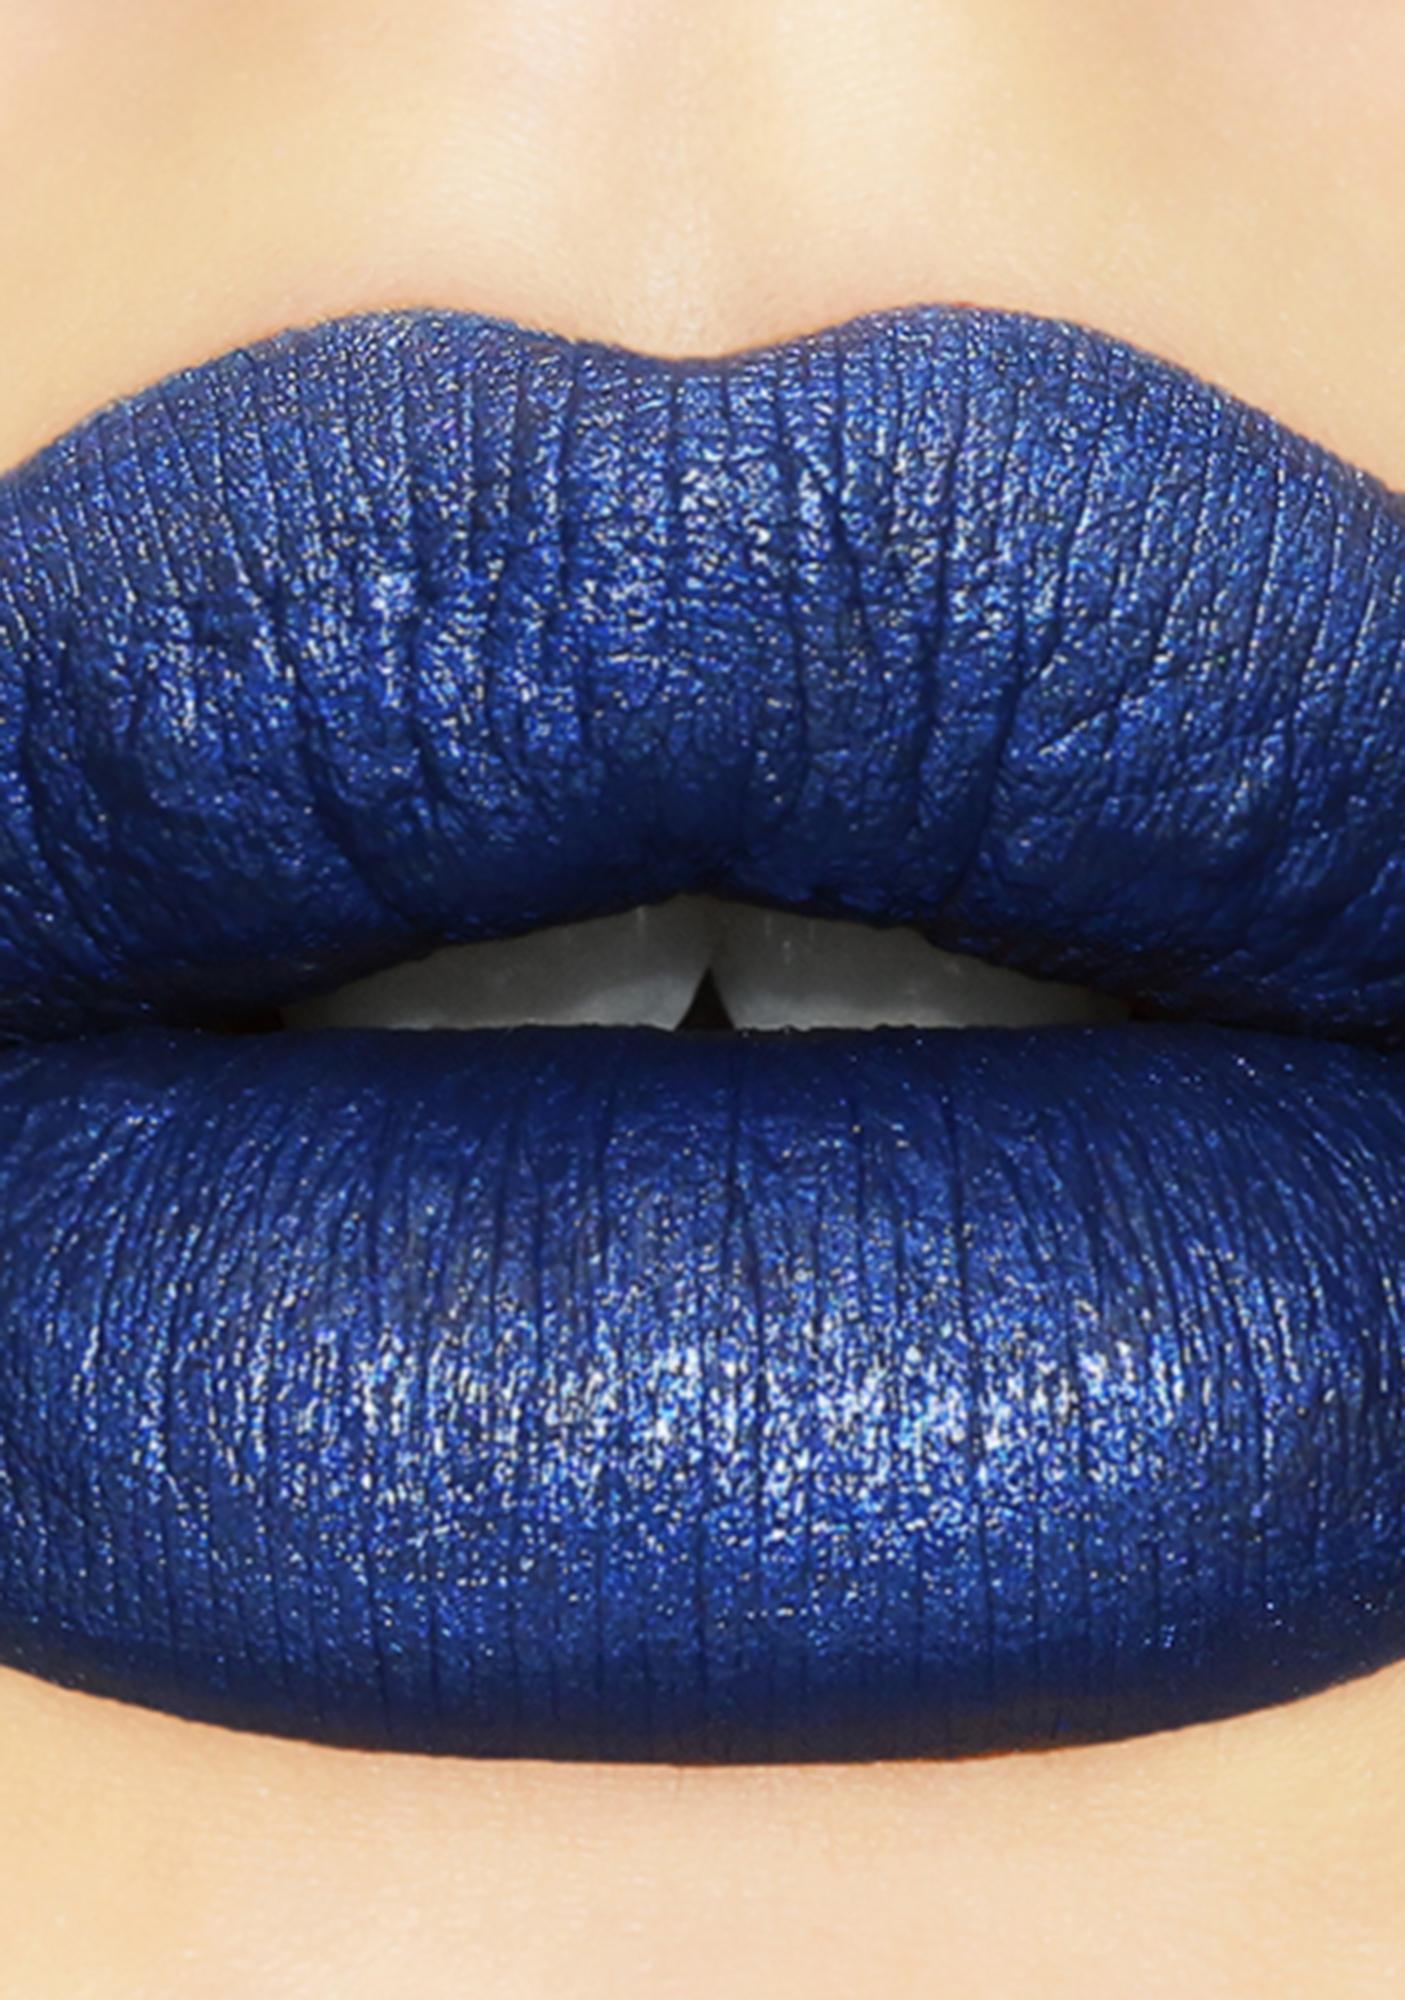 Sugarpill Shiver Pretty Poison Lipstick